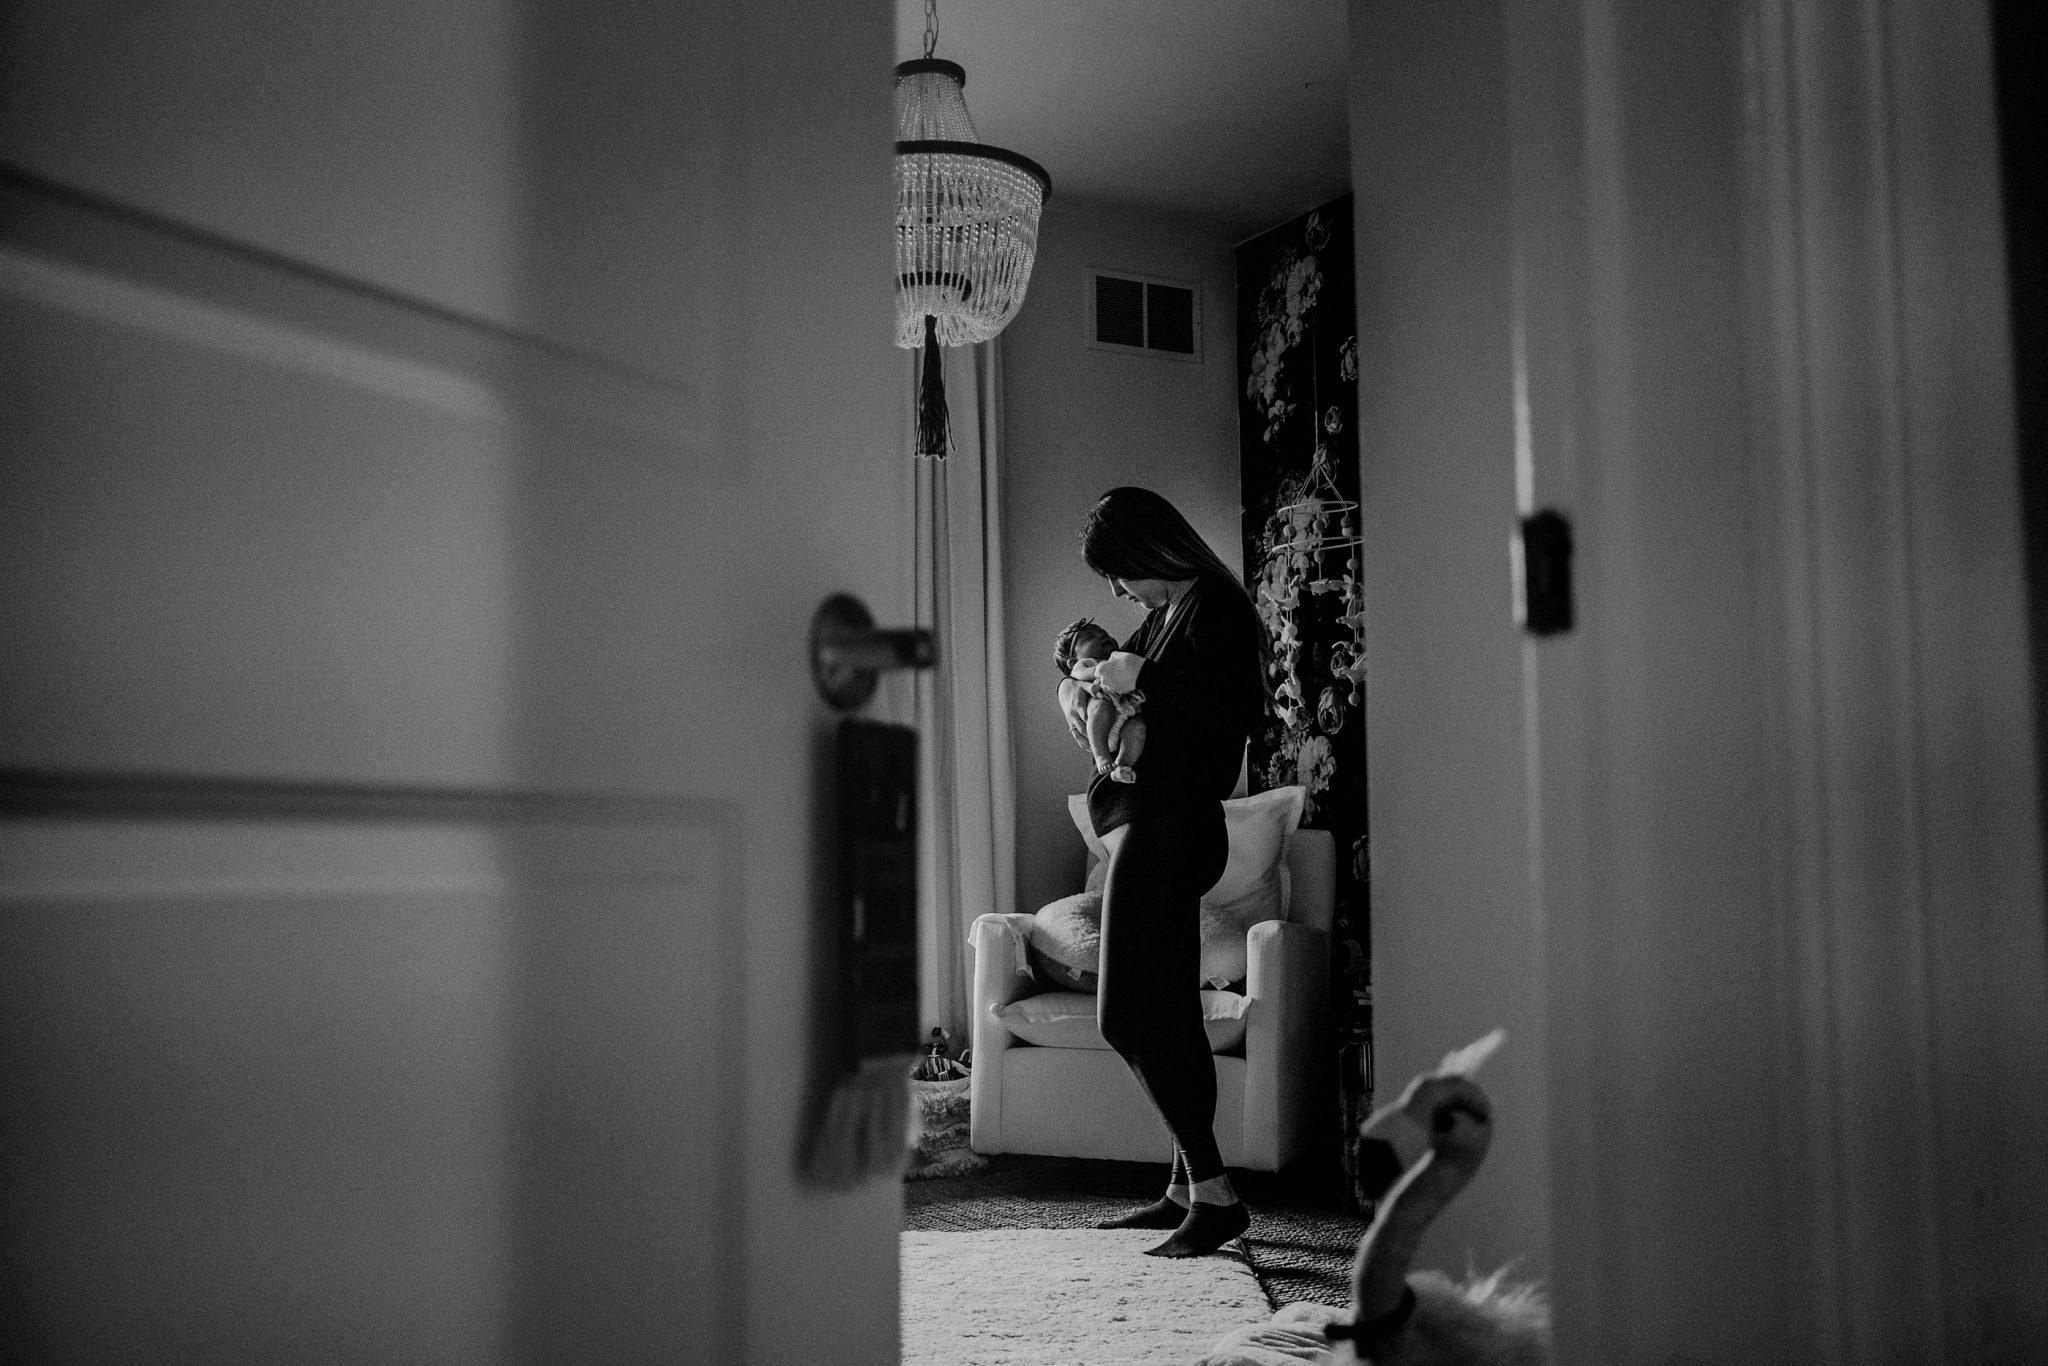 voyeur perspective of mother holding baby through crack in door of bedroom